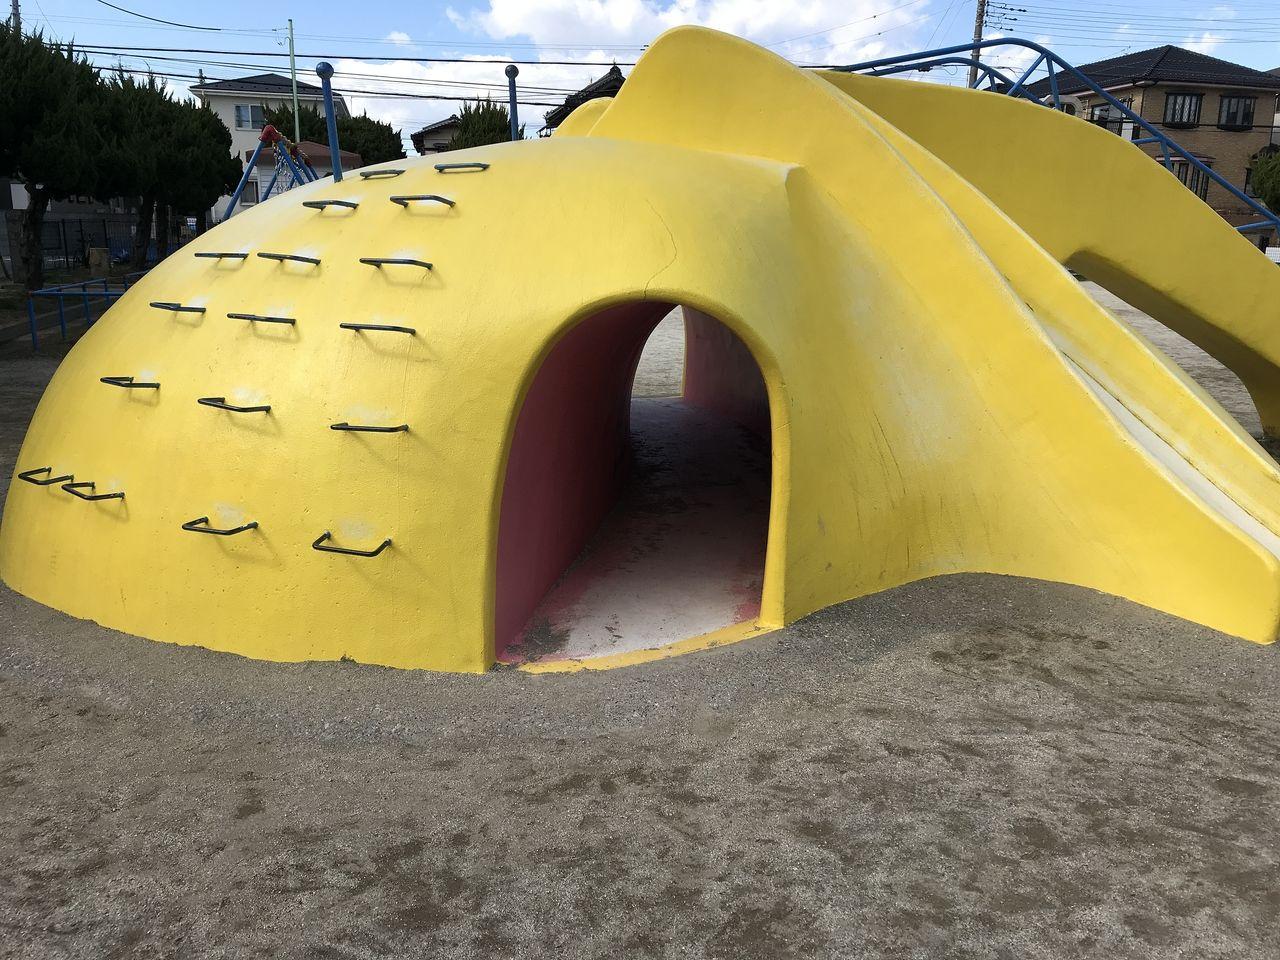 行徳の上道公園の象の形の遊具の洞窟